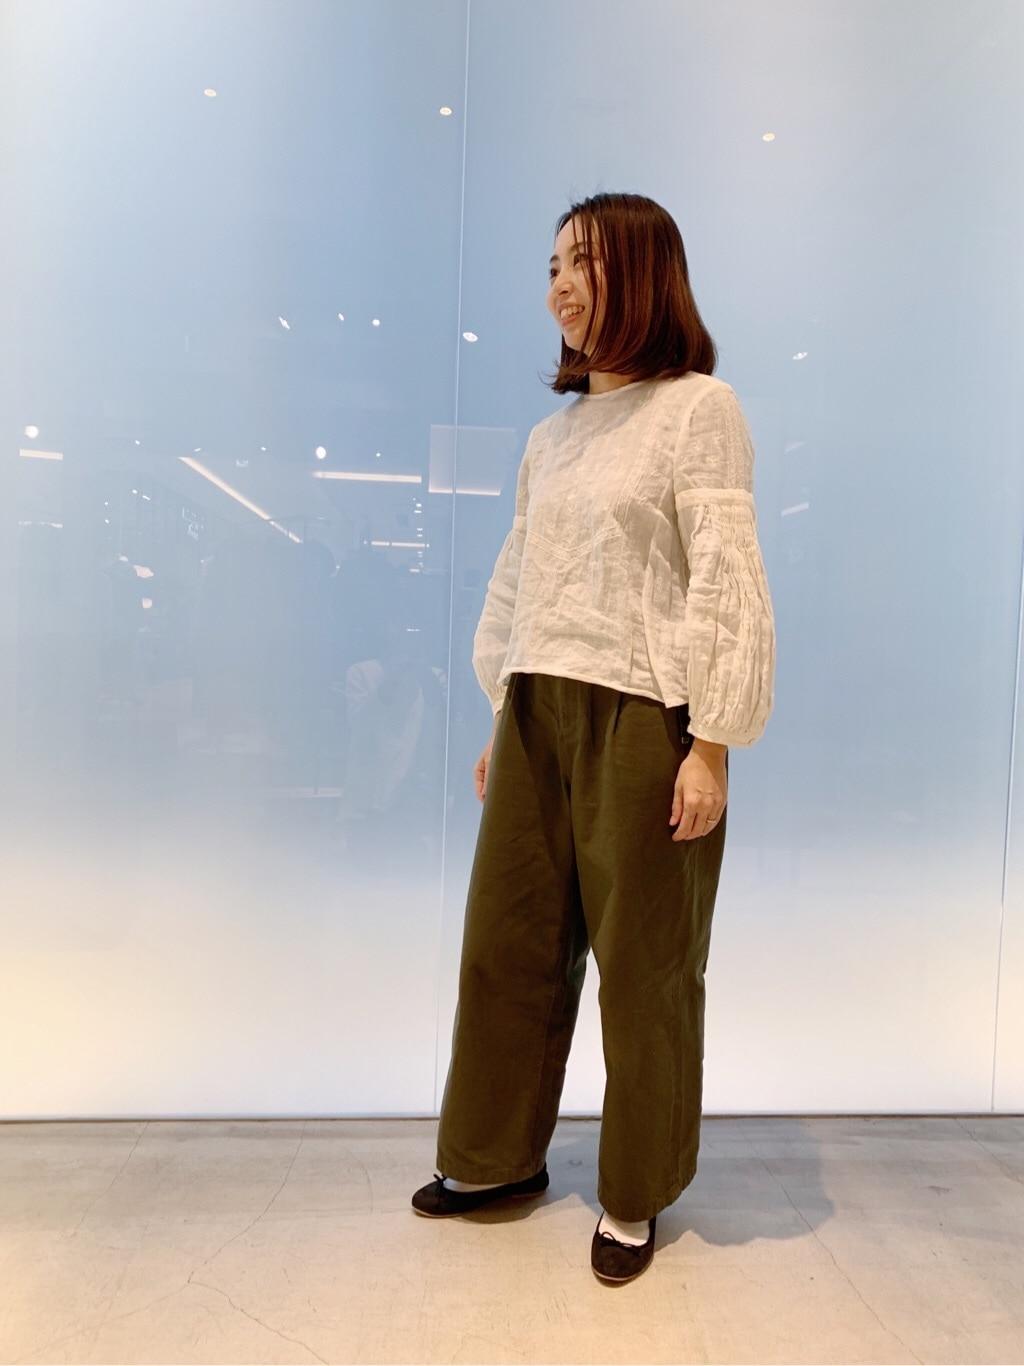 日本橋��島屋S.C. 2019.12.05